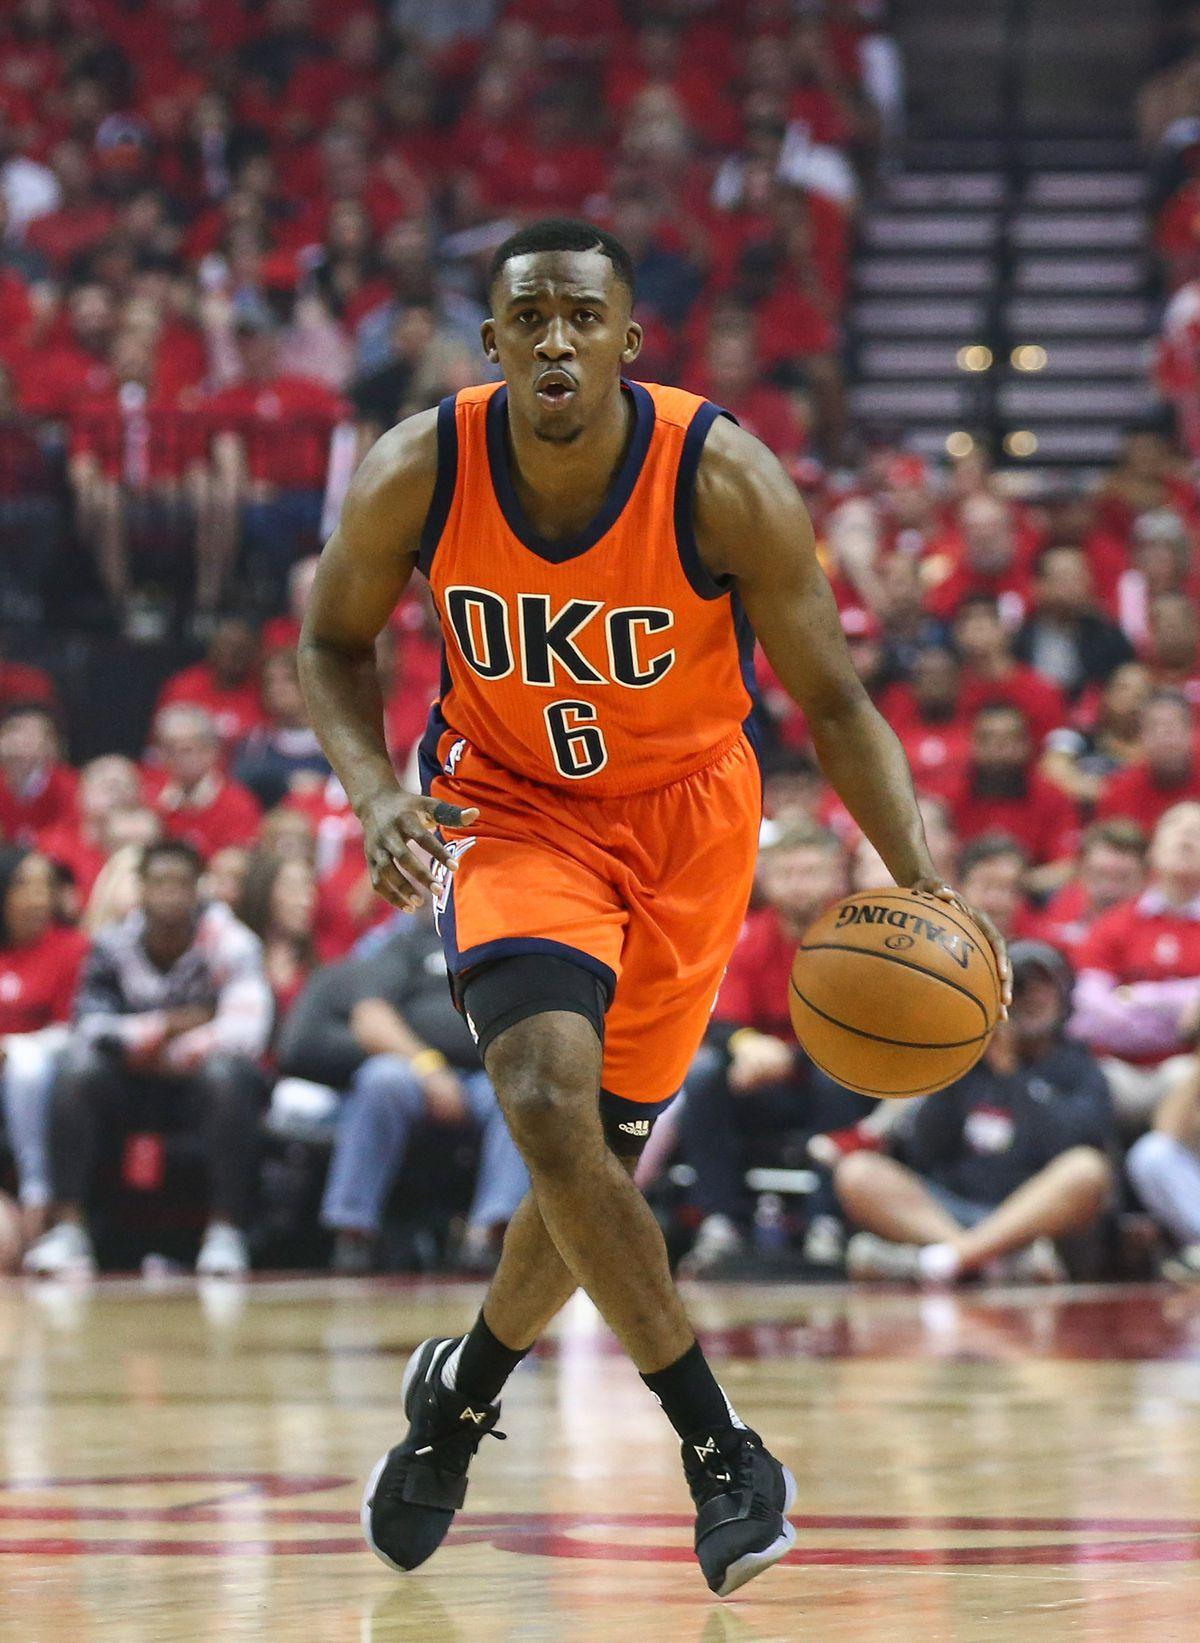 NBA: Playoffs-Oklahoma City Thunder at Houston Rockets